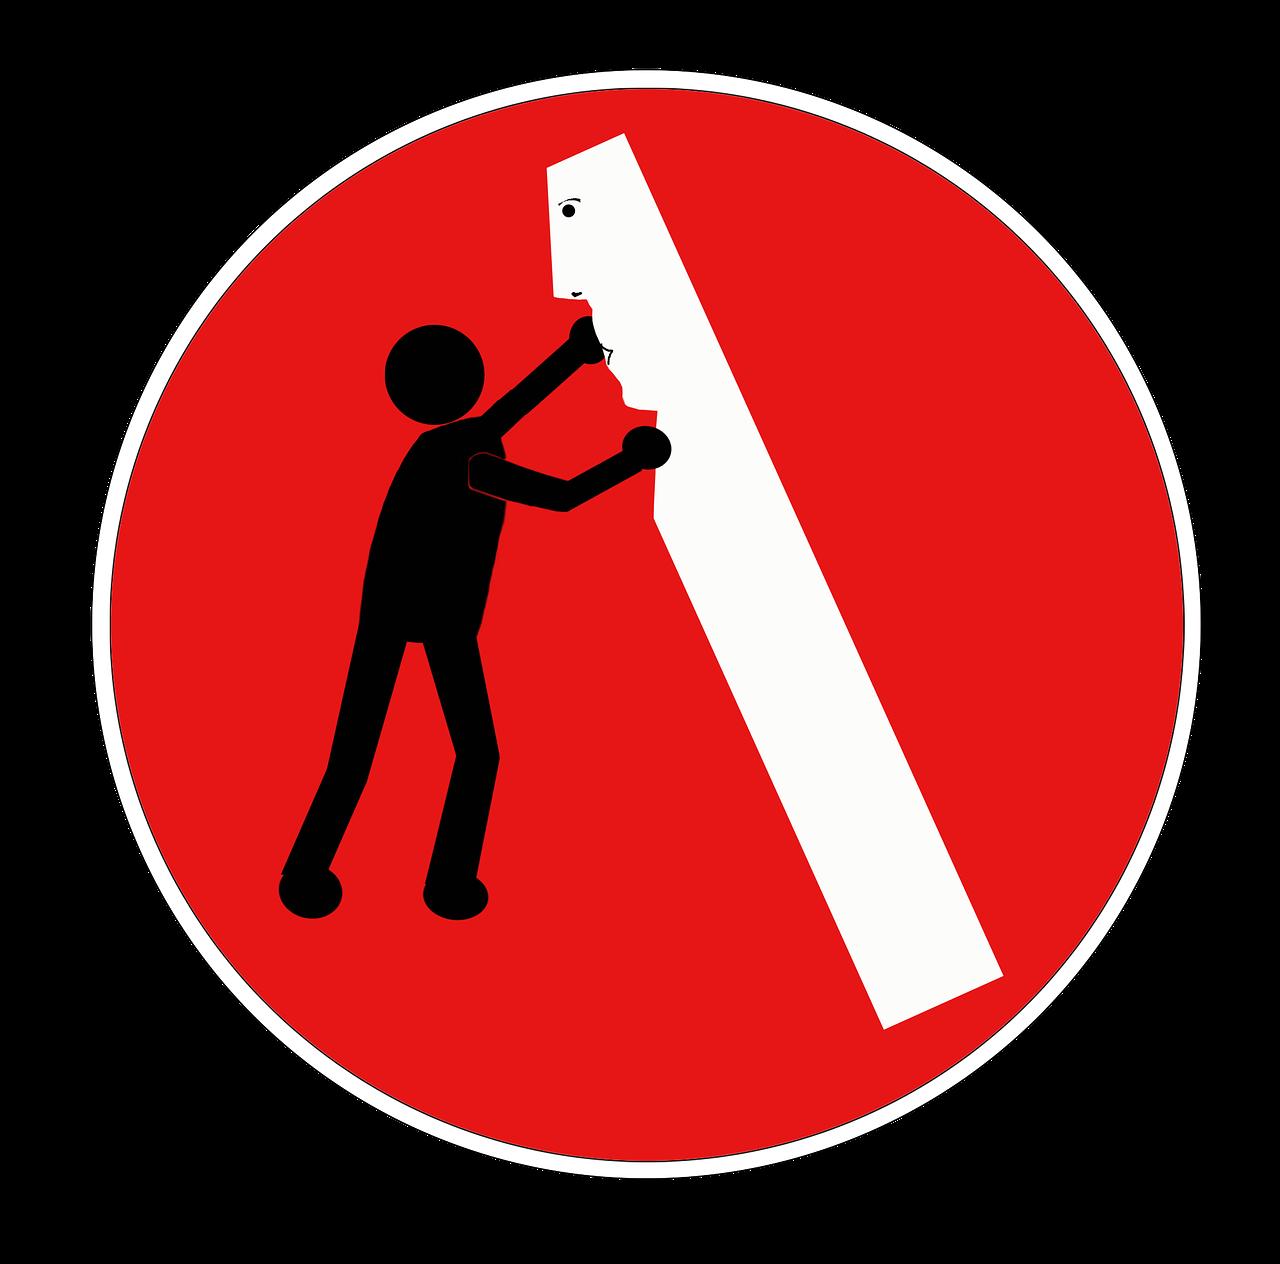 Дорожные знаки смешные в картинках, открытка мороженое